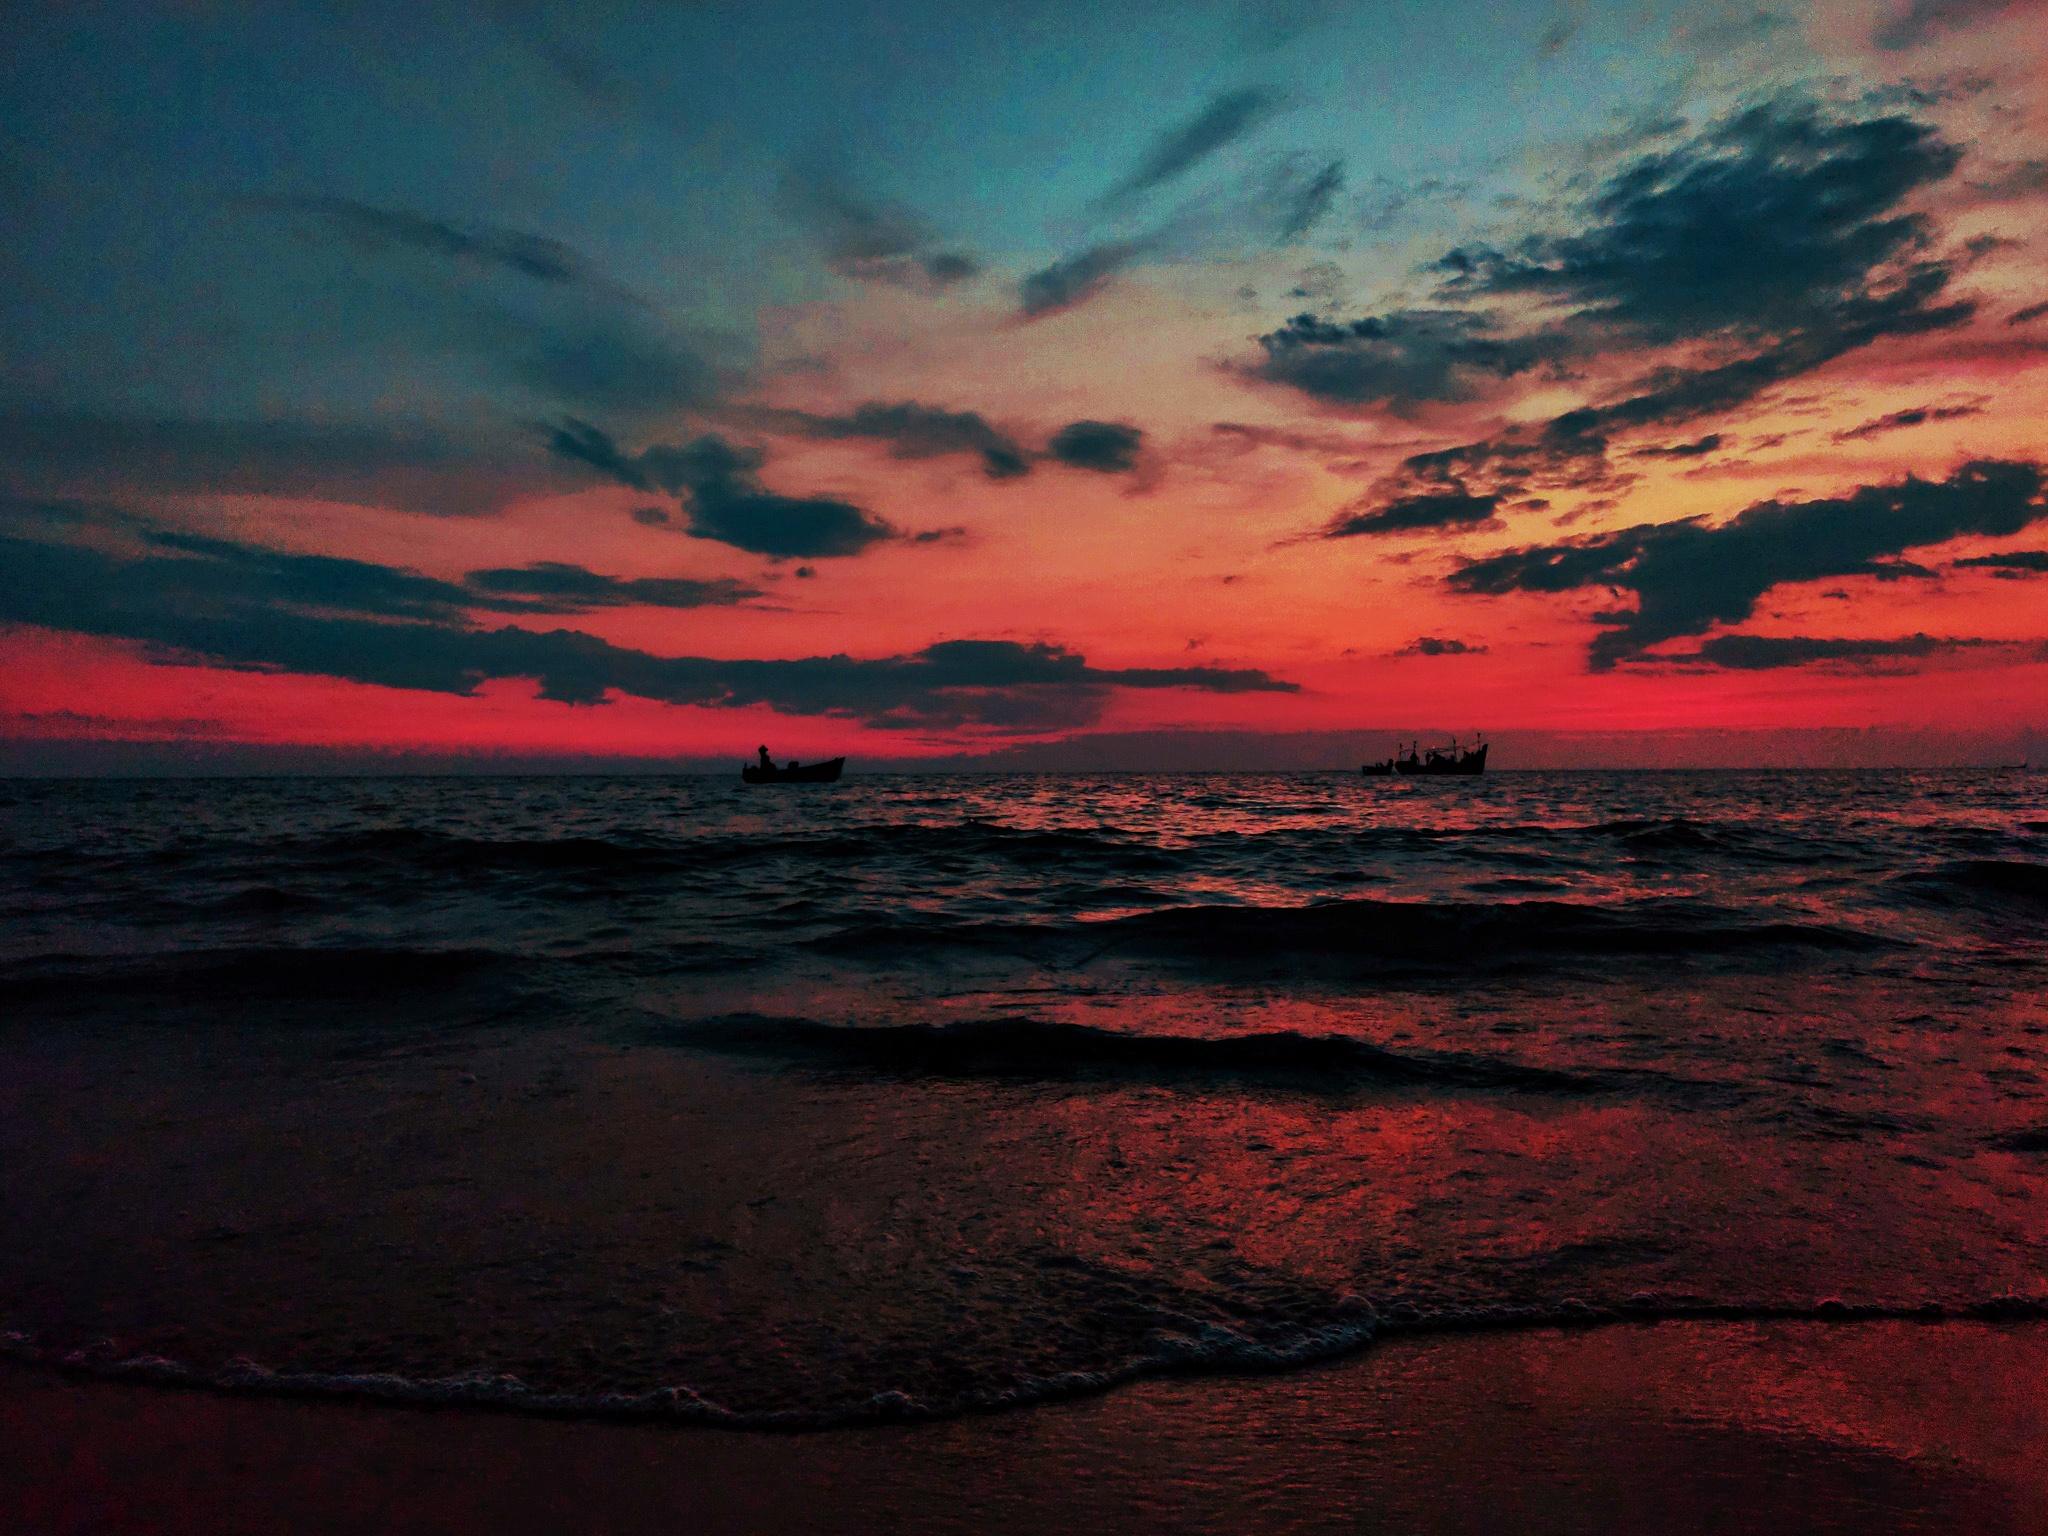 sky at the beach